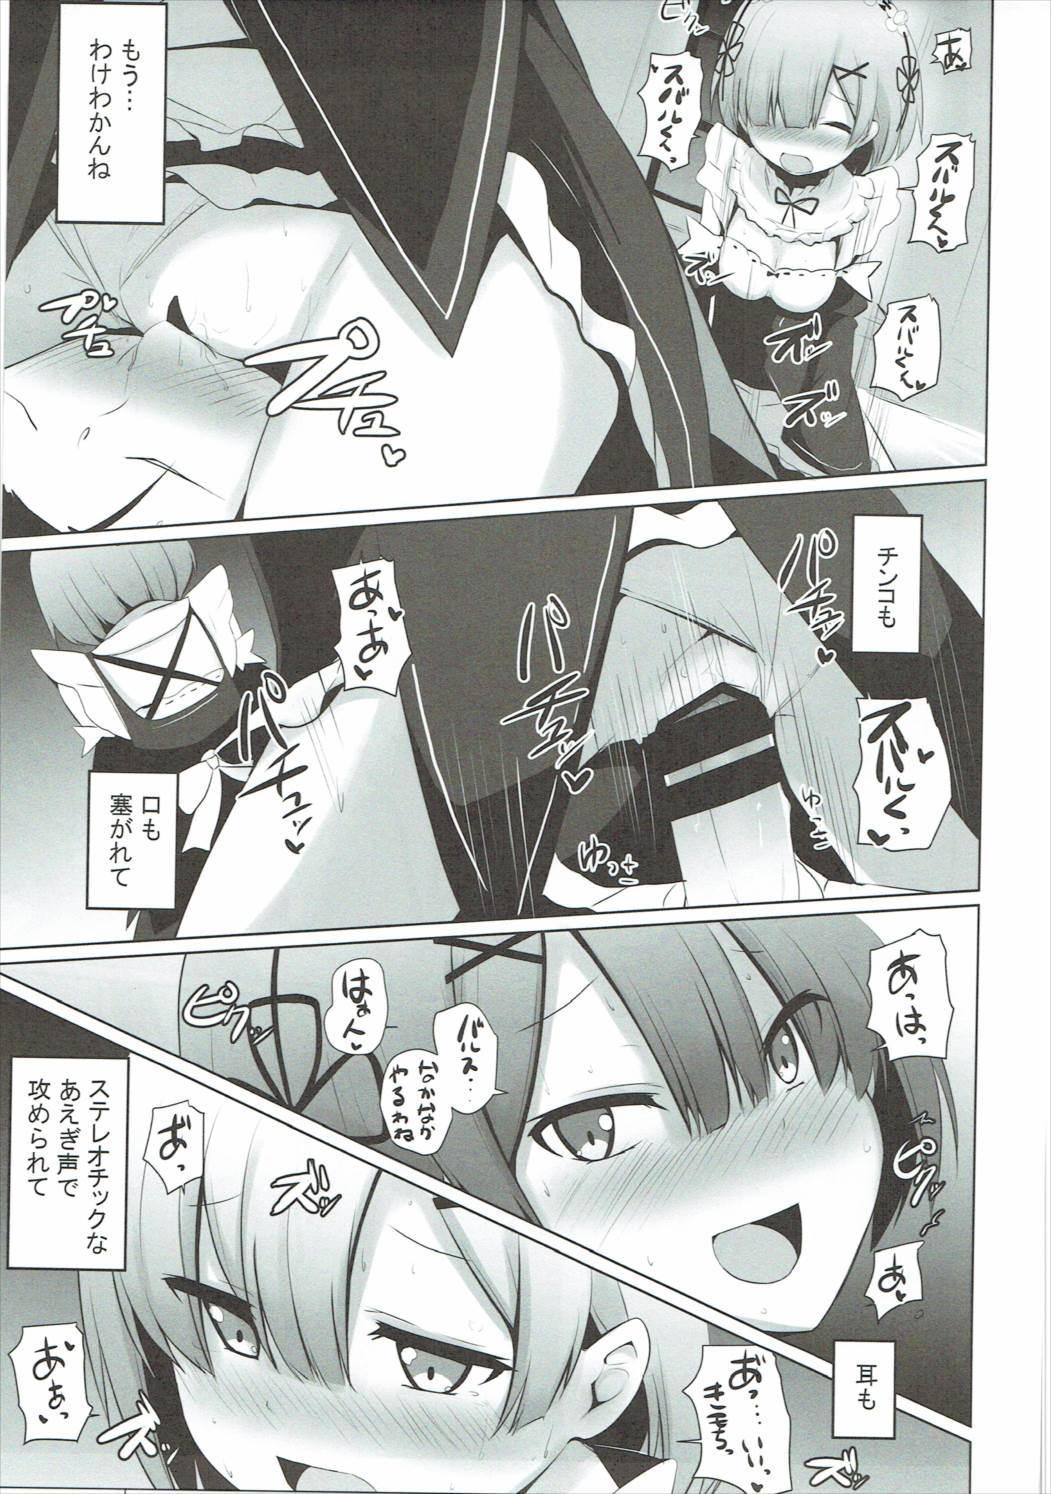 Zero kara Hajimeru Genan Seikatsu 15